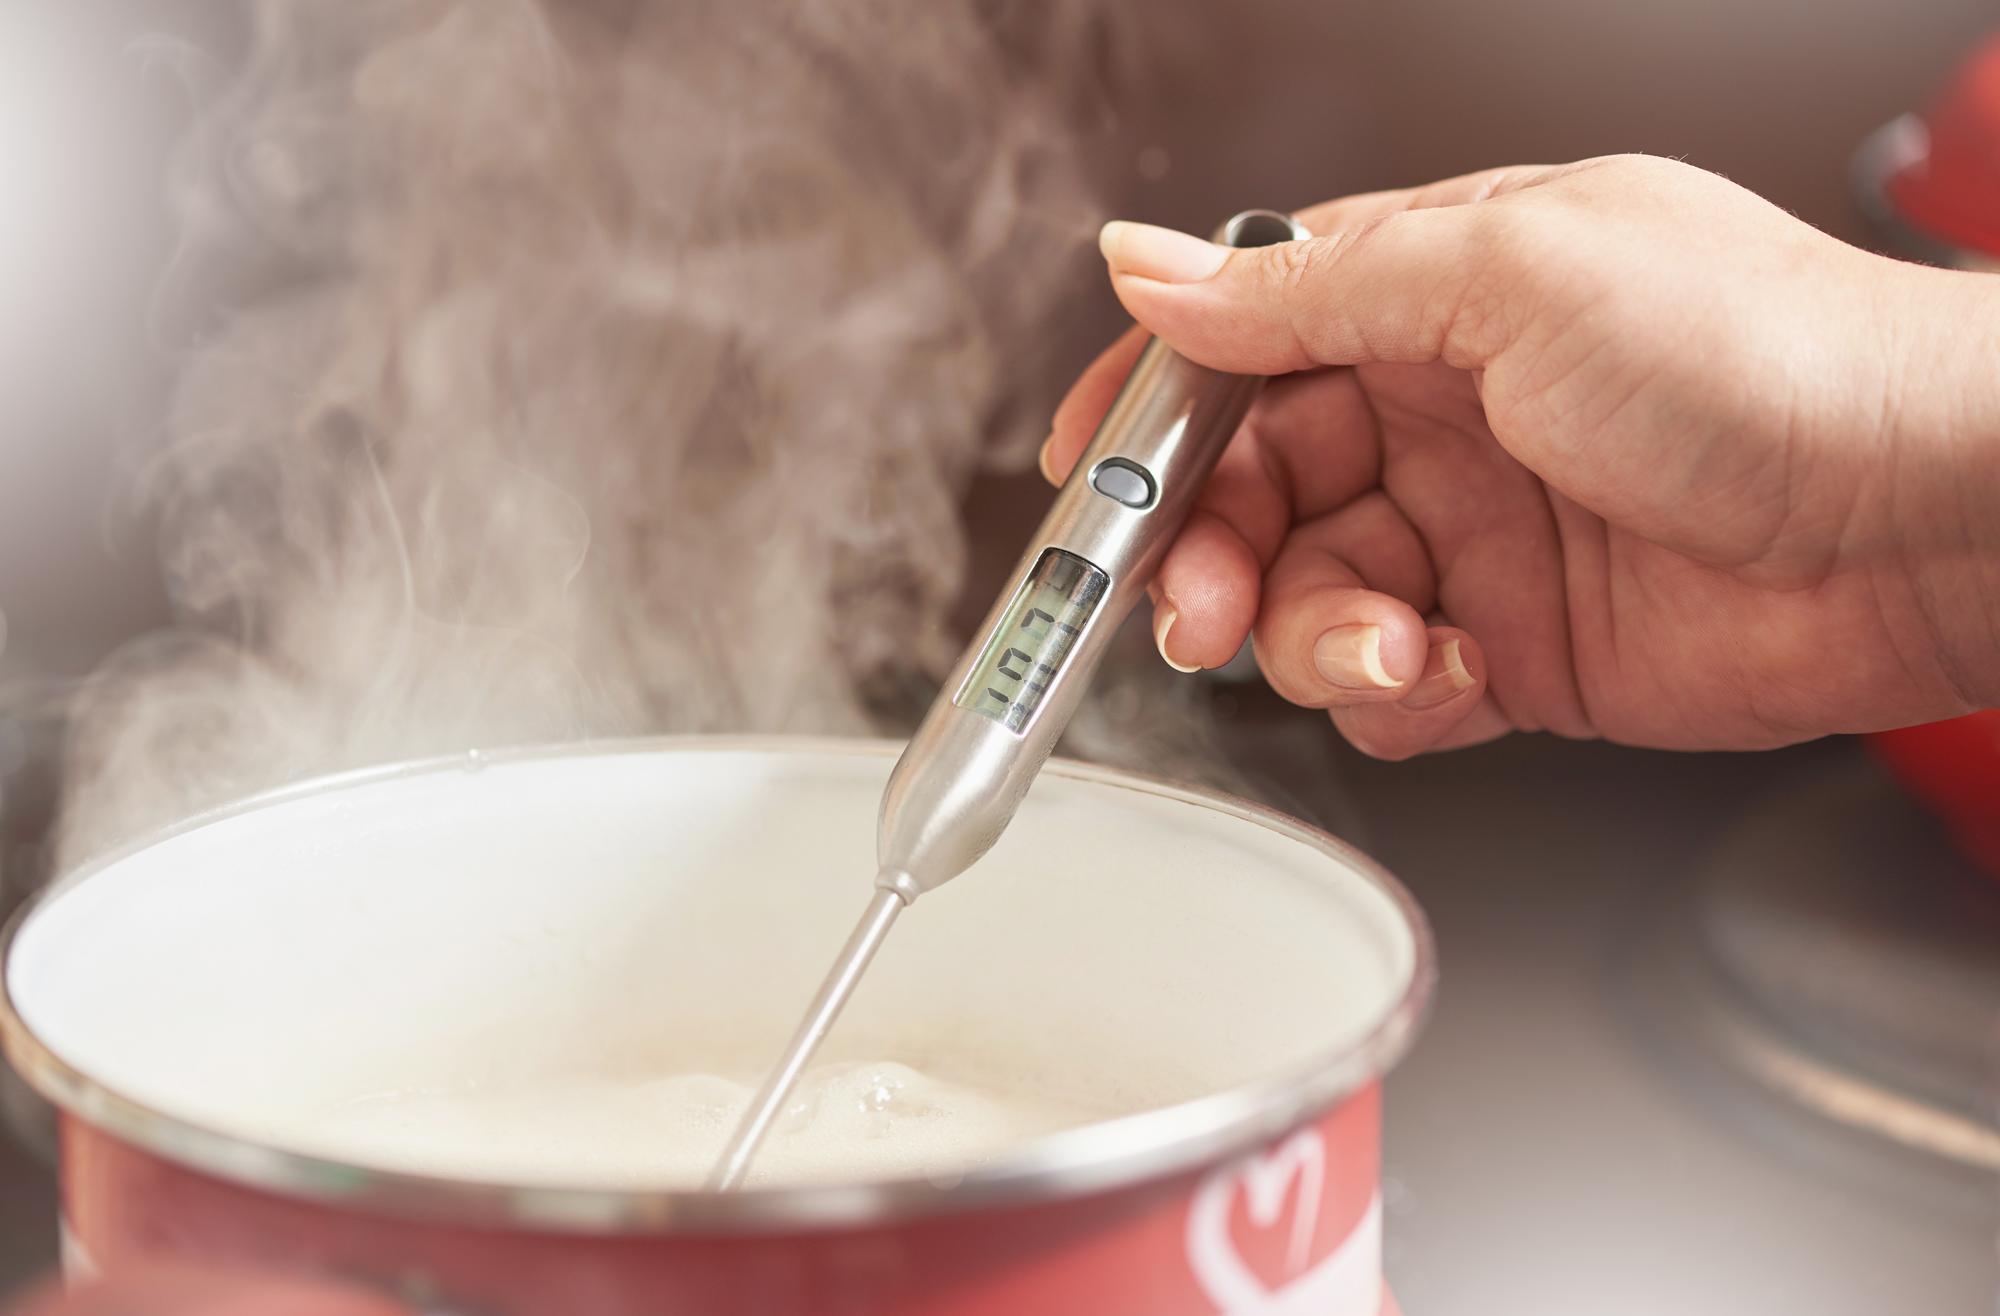 料理の温度を測る